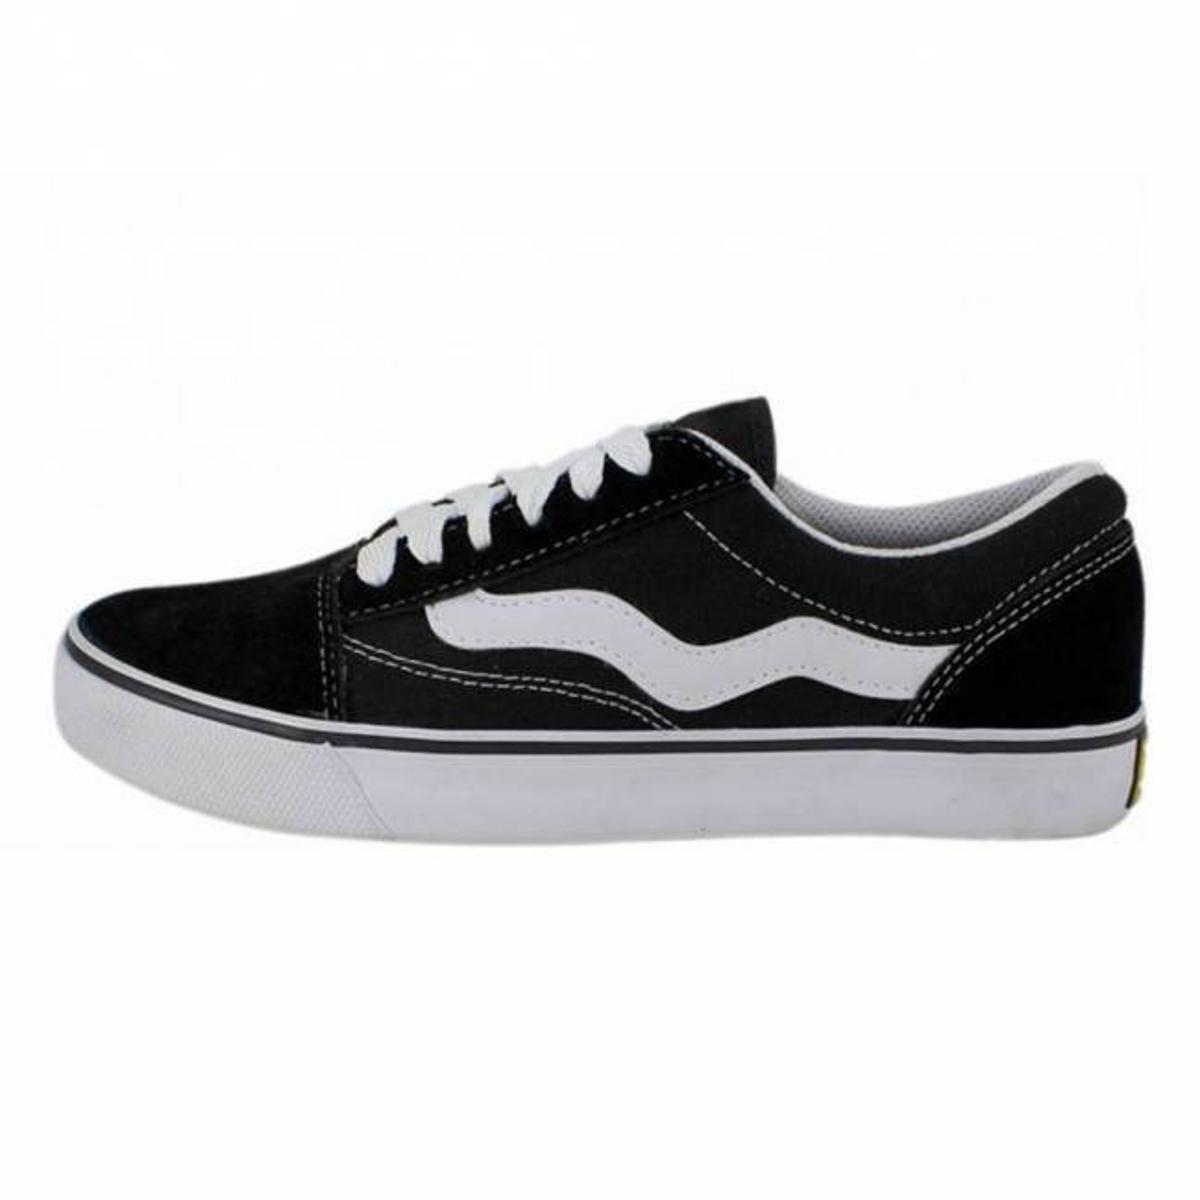 Tênis Mad Rats Old School Lona - Preto e Branco - Compre Agora ... 74f6e88aa36